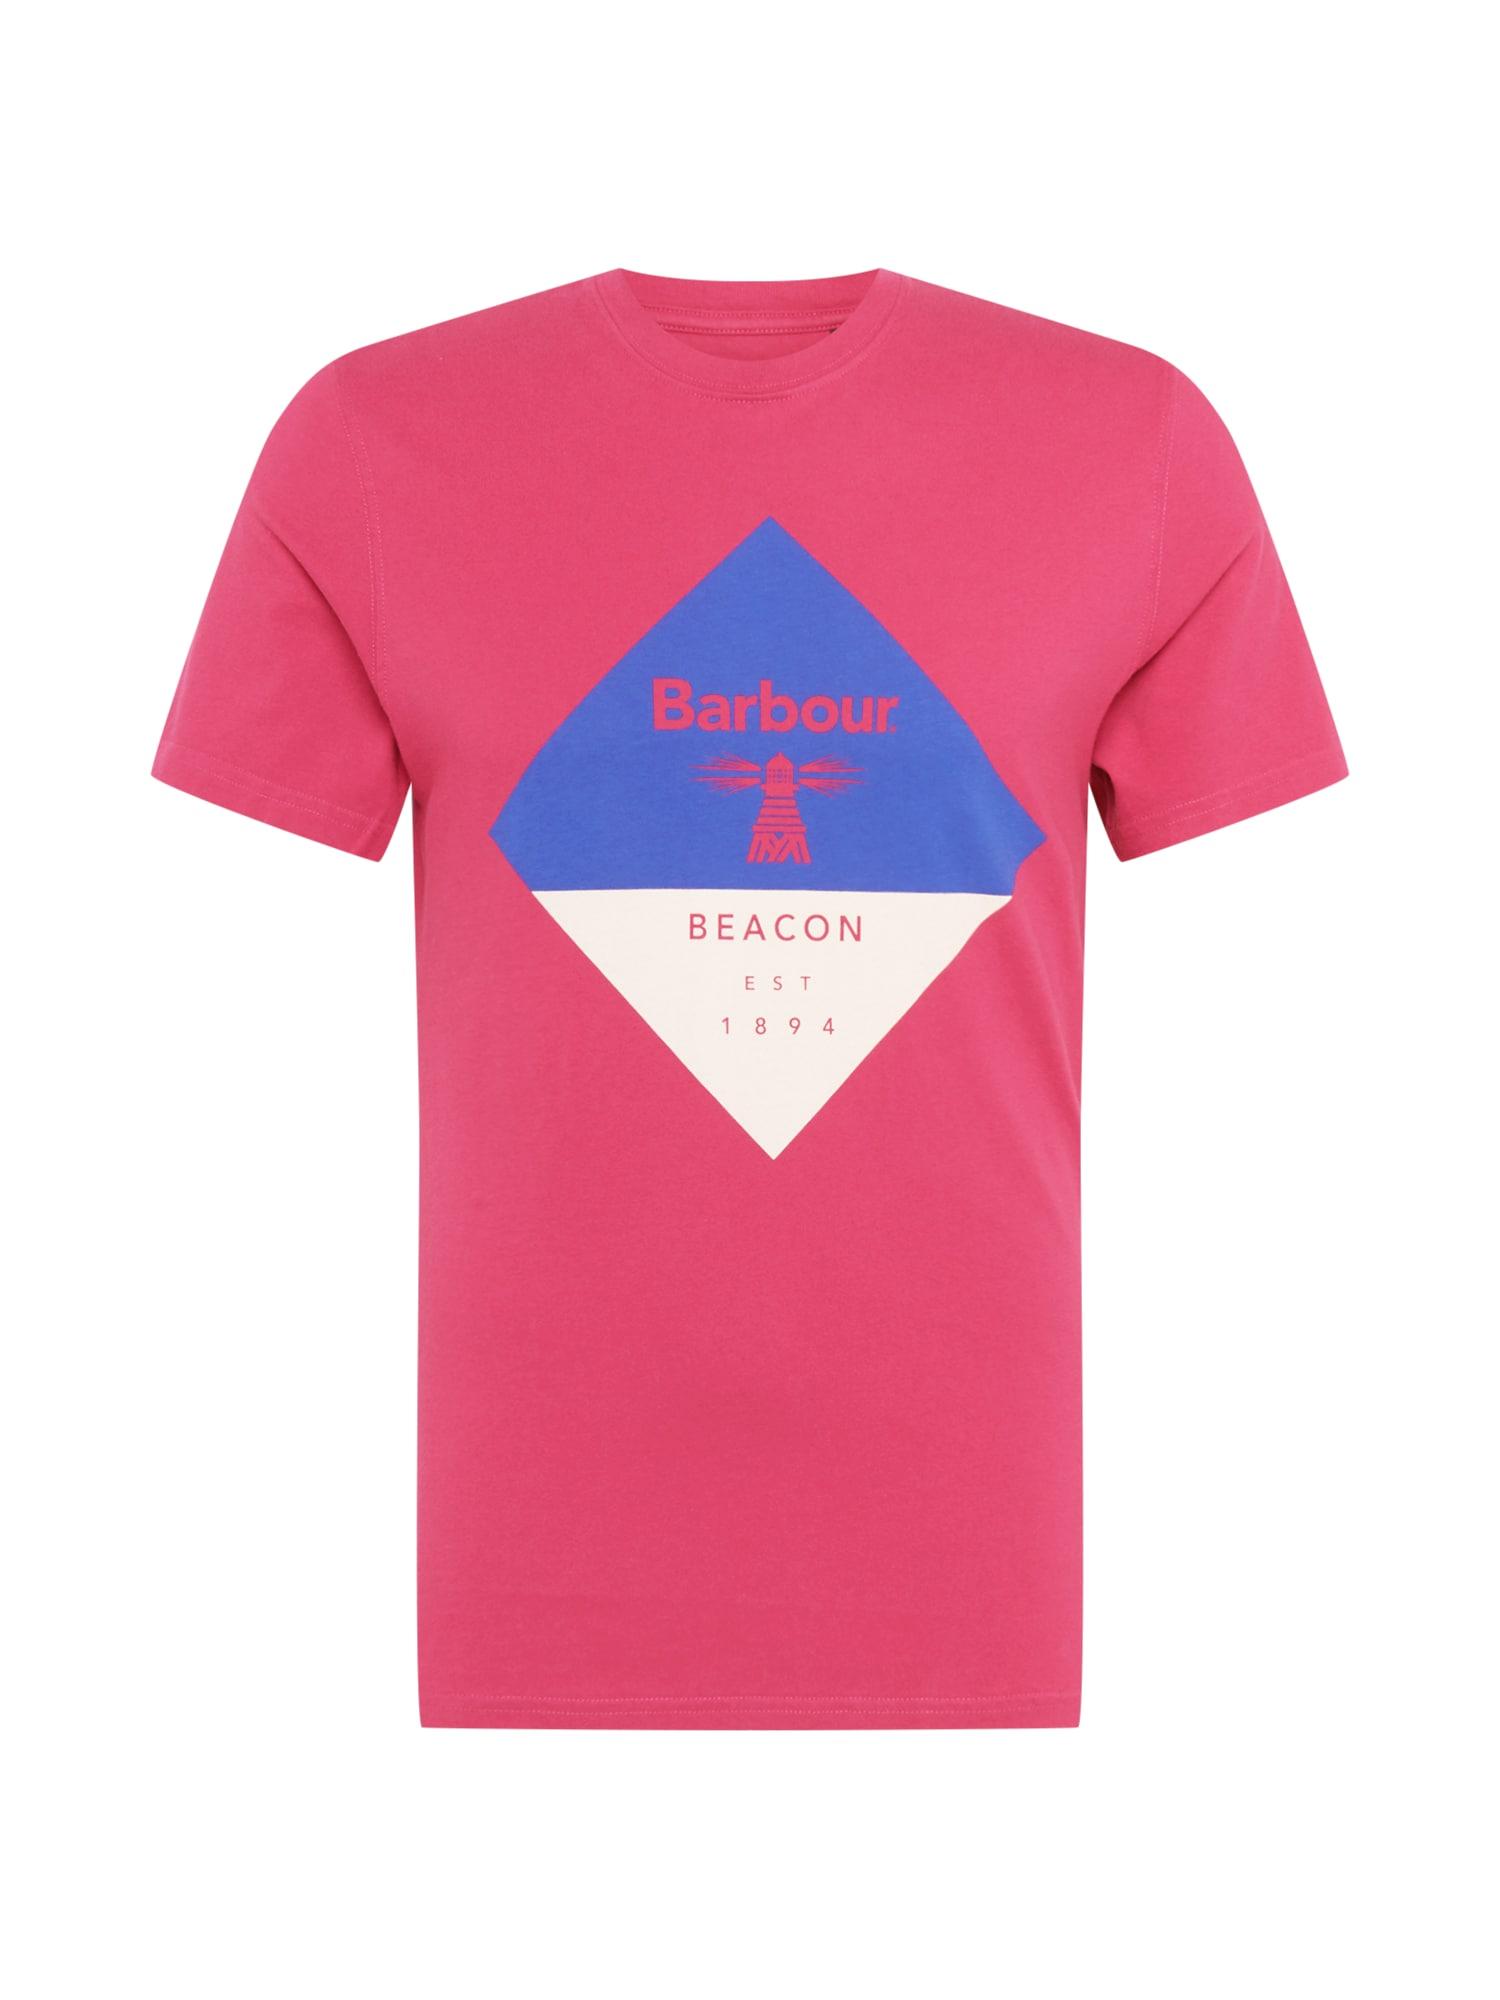 Barbour Beacon Marškinėliai